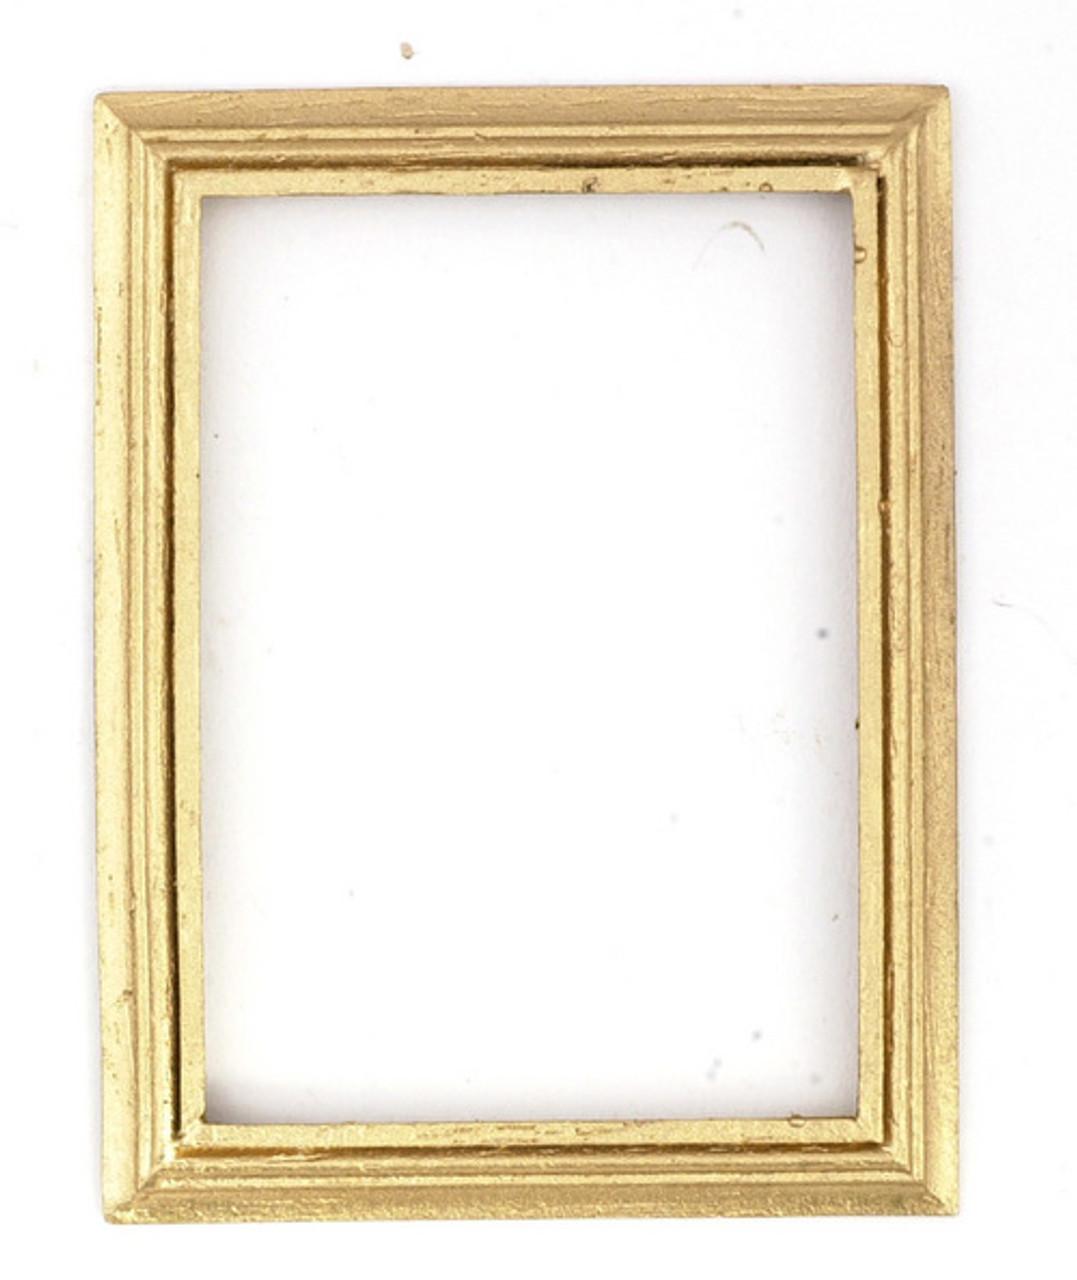 Dollhouse City - Dollhouse Miniatures Frame - Gold